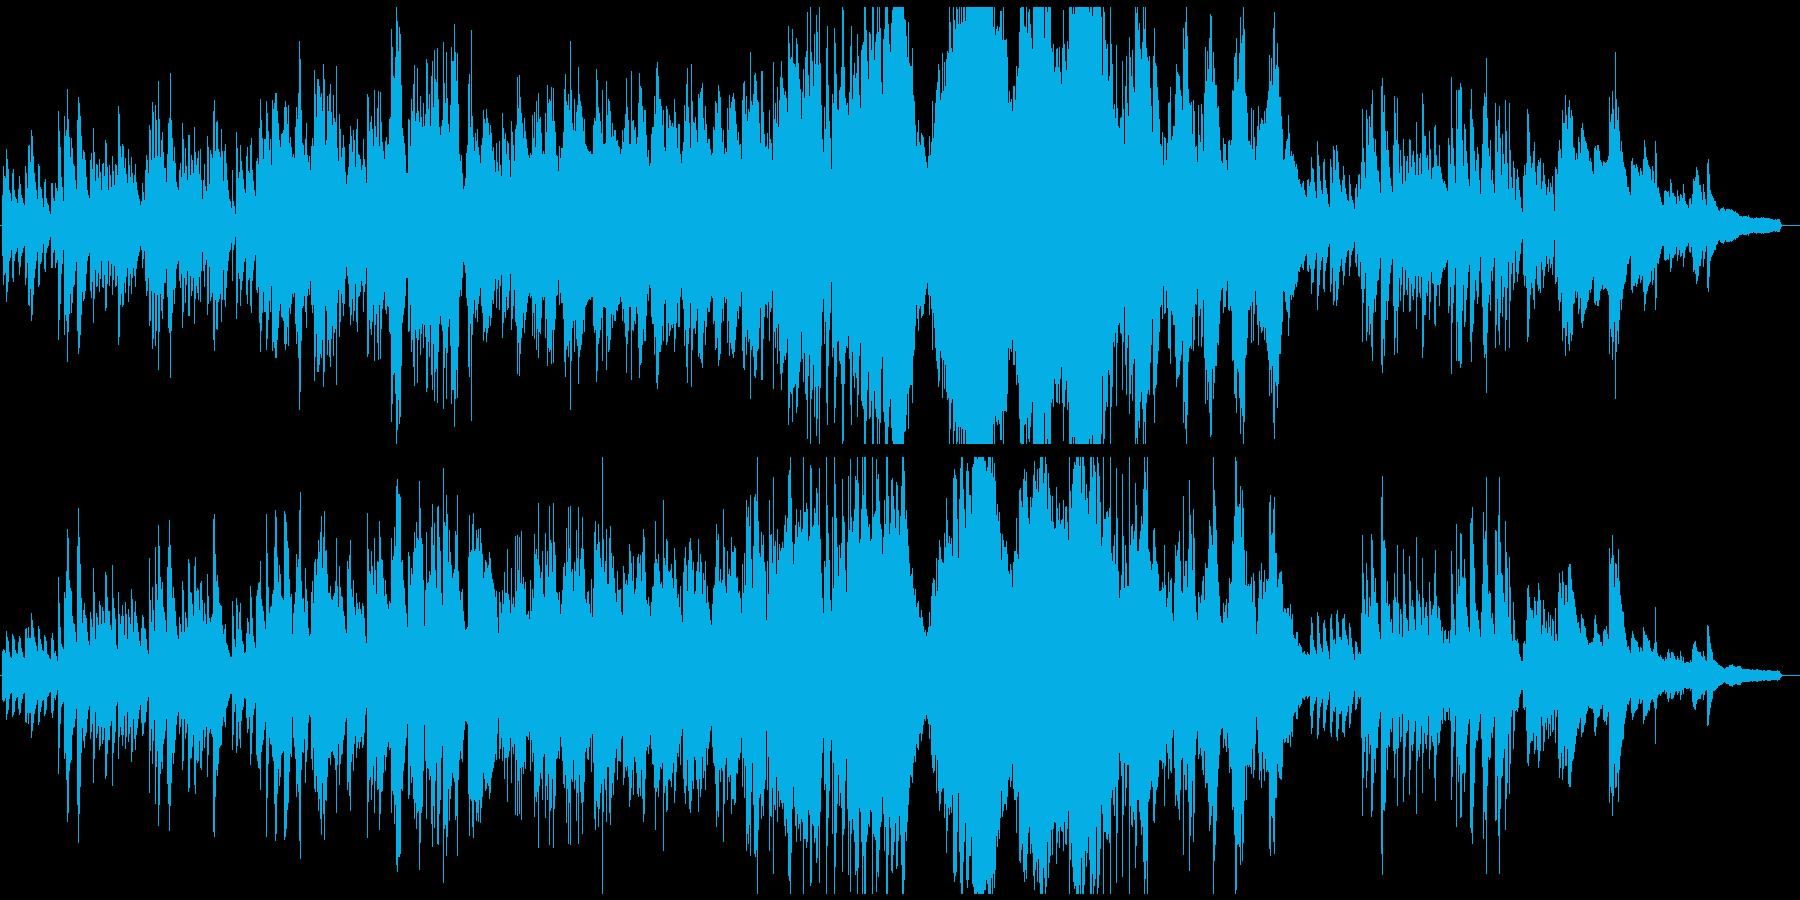 クラシカルな雰囲気の悲しげなピアノソロの再生済みの波形